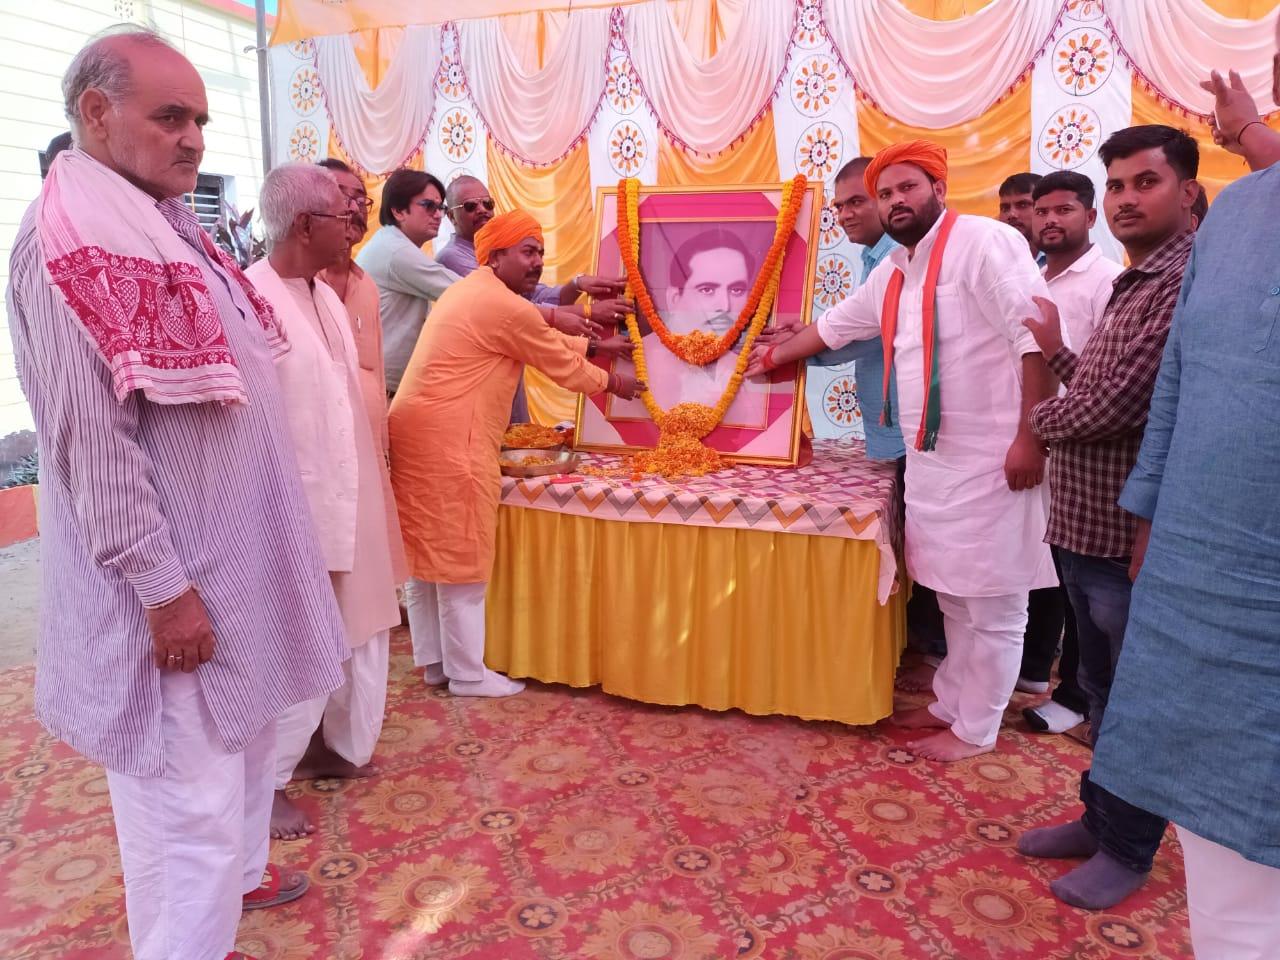 मनाई गई समाजसेवी बाबु शम्भु प्रसाद सिंह की 32 शहादत दिवस